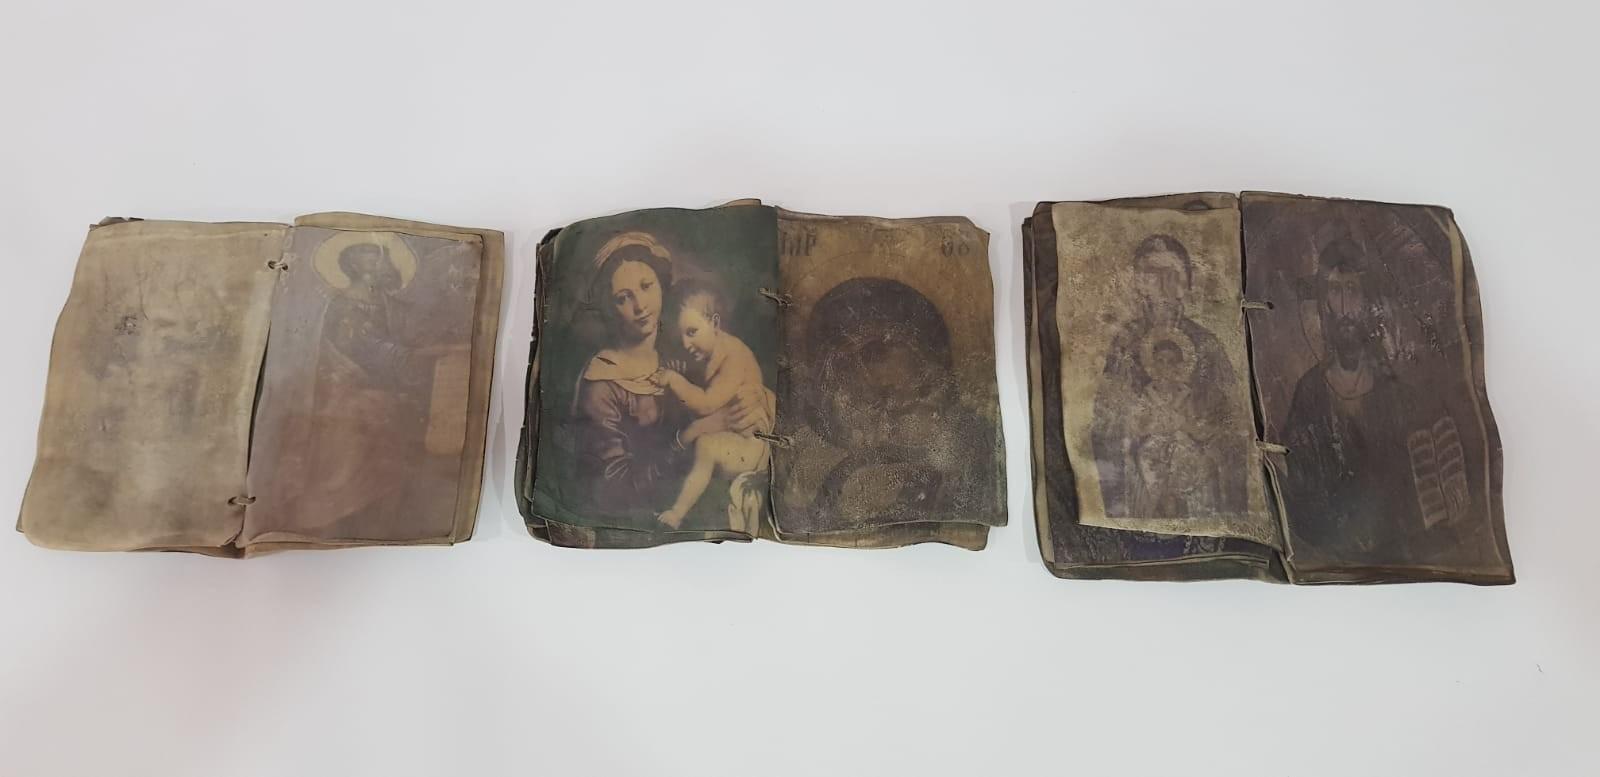 Kırıkkalede ceylan derisi üzerine yazılmış tarihi dua kitapları ele geçirildi - Kırıkkale'de ceylan derisi üzerine yazılmış tarihi dua kitapları ele geçirildi